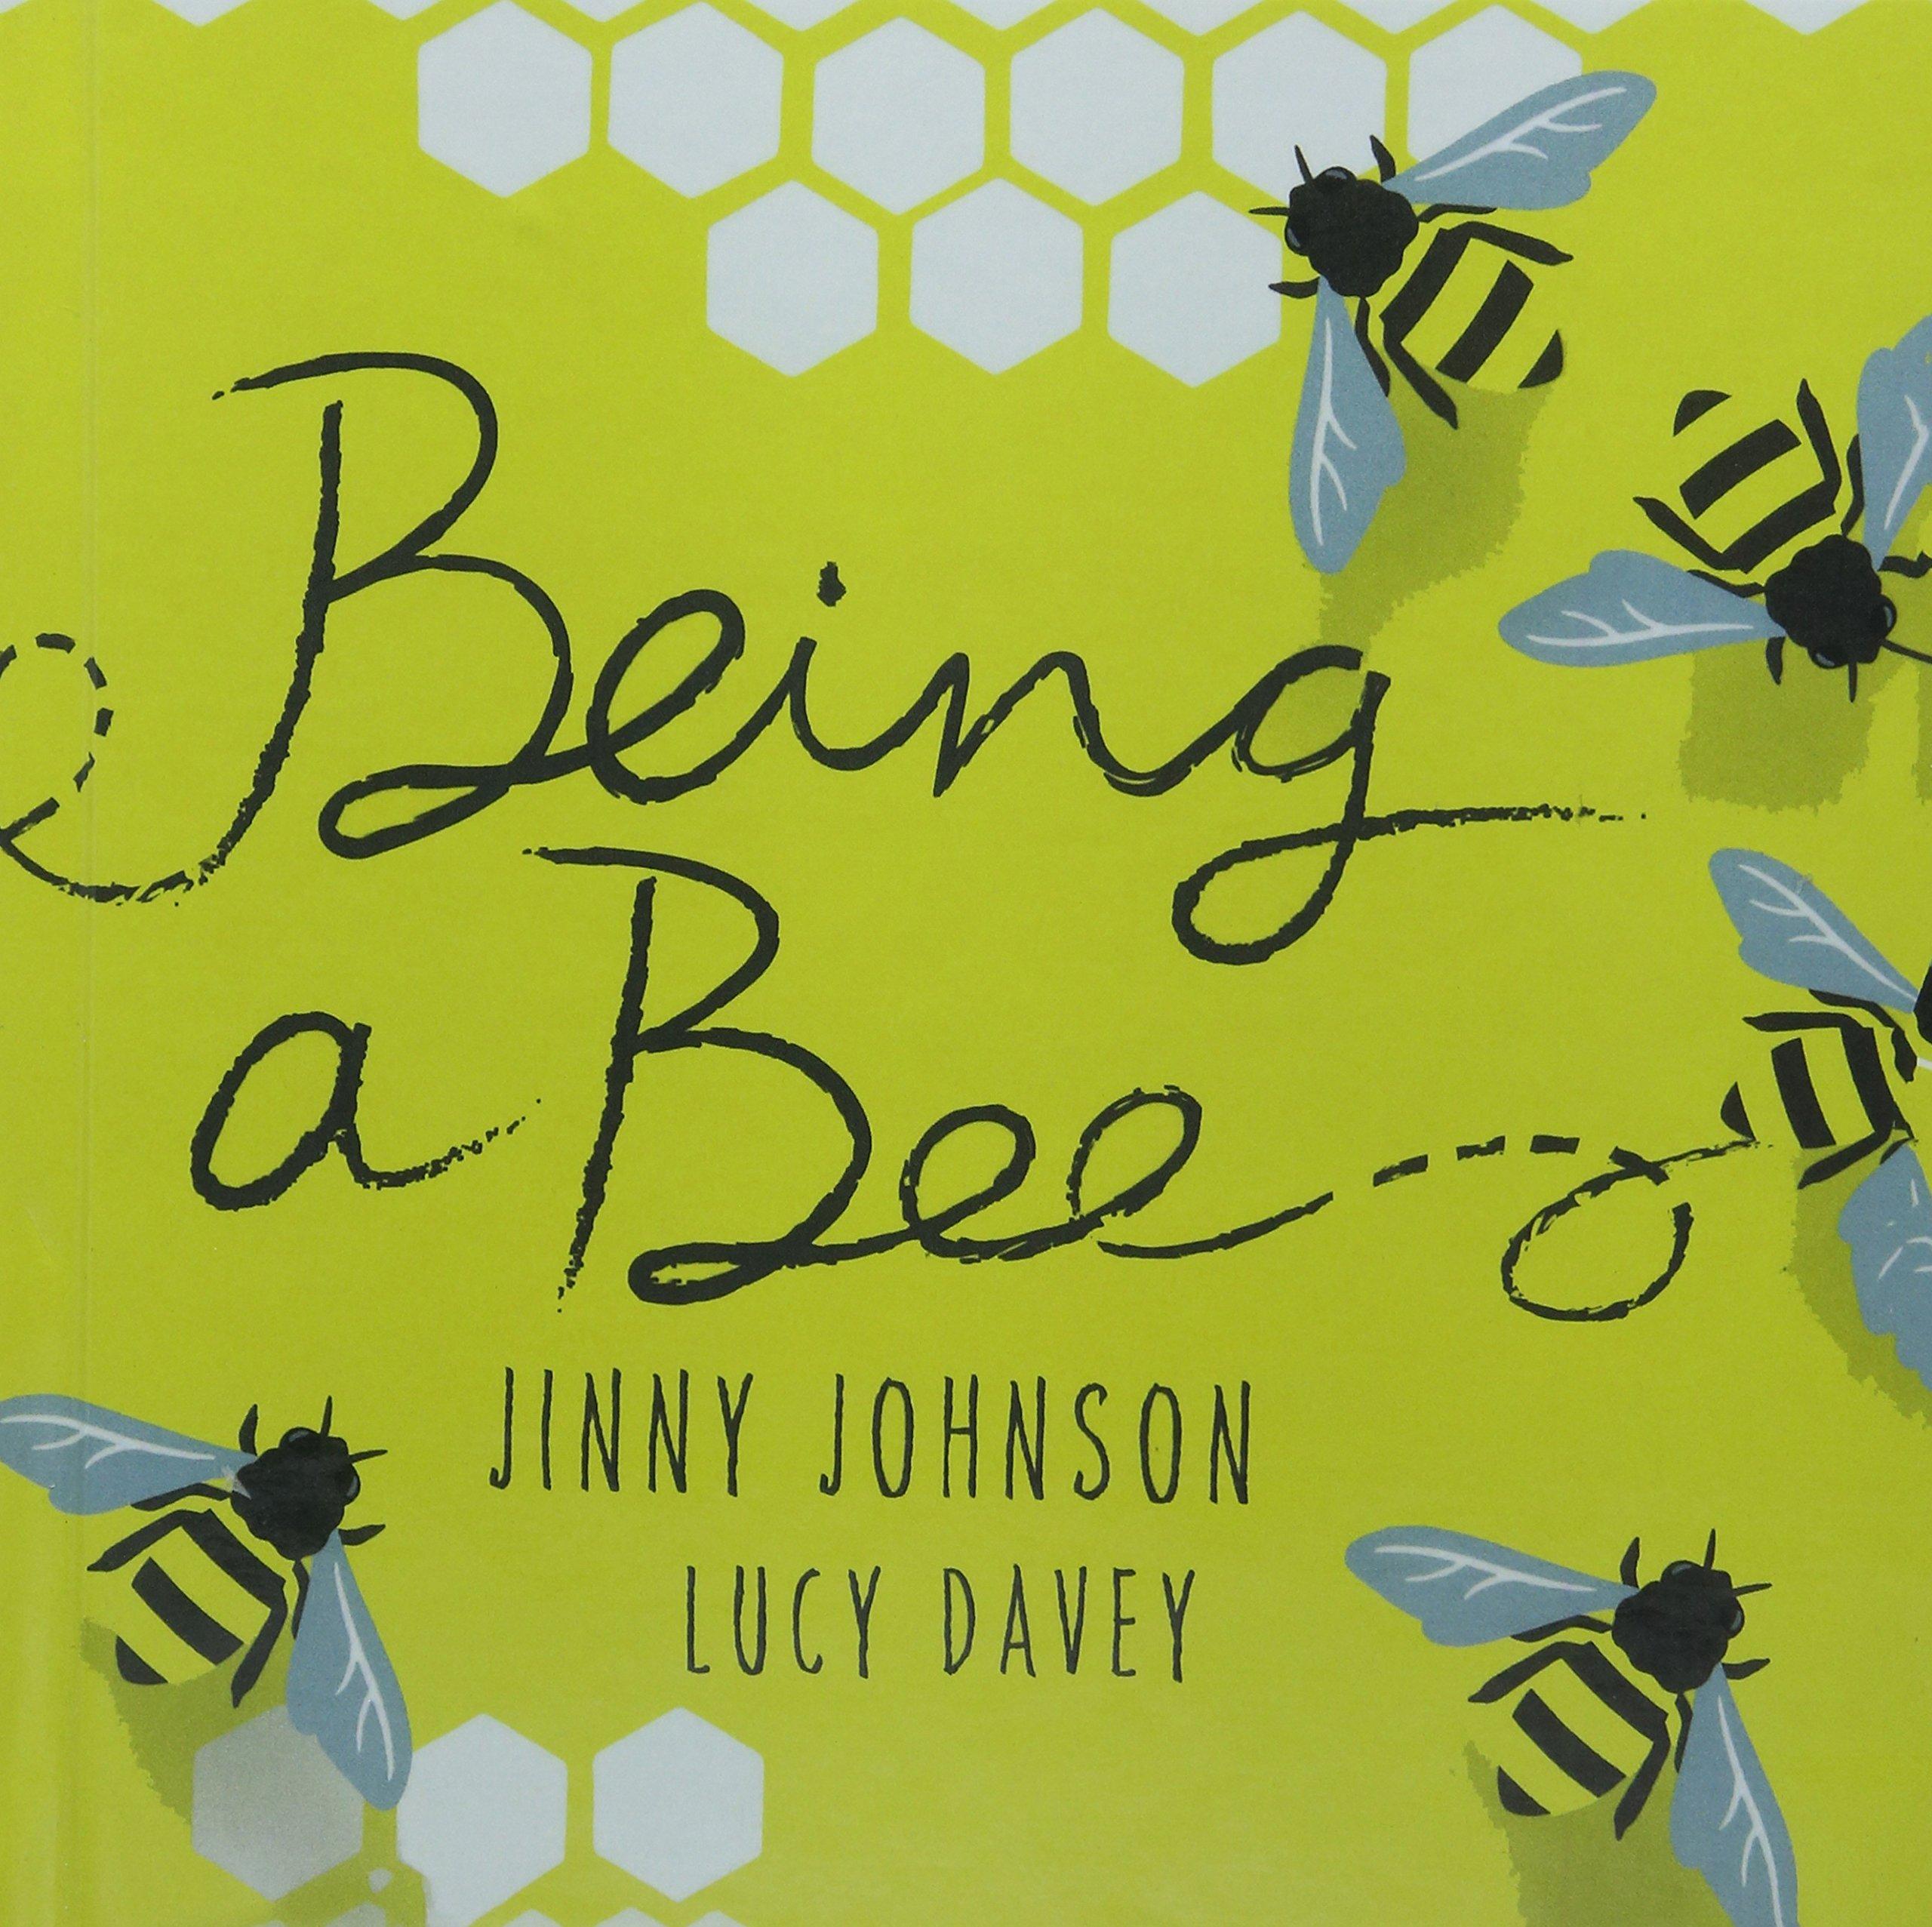 Amazon.com: Being A Bee (Turtleback School & Library Binding ...